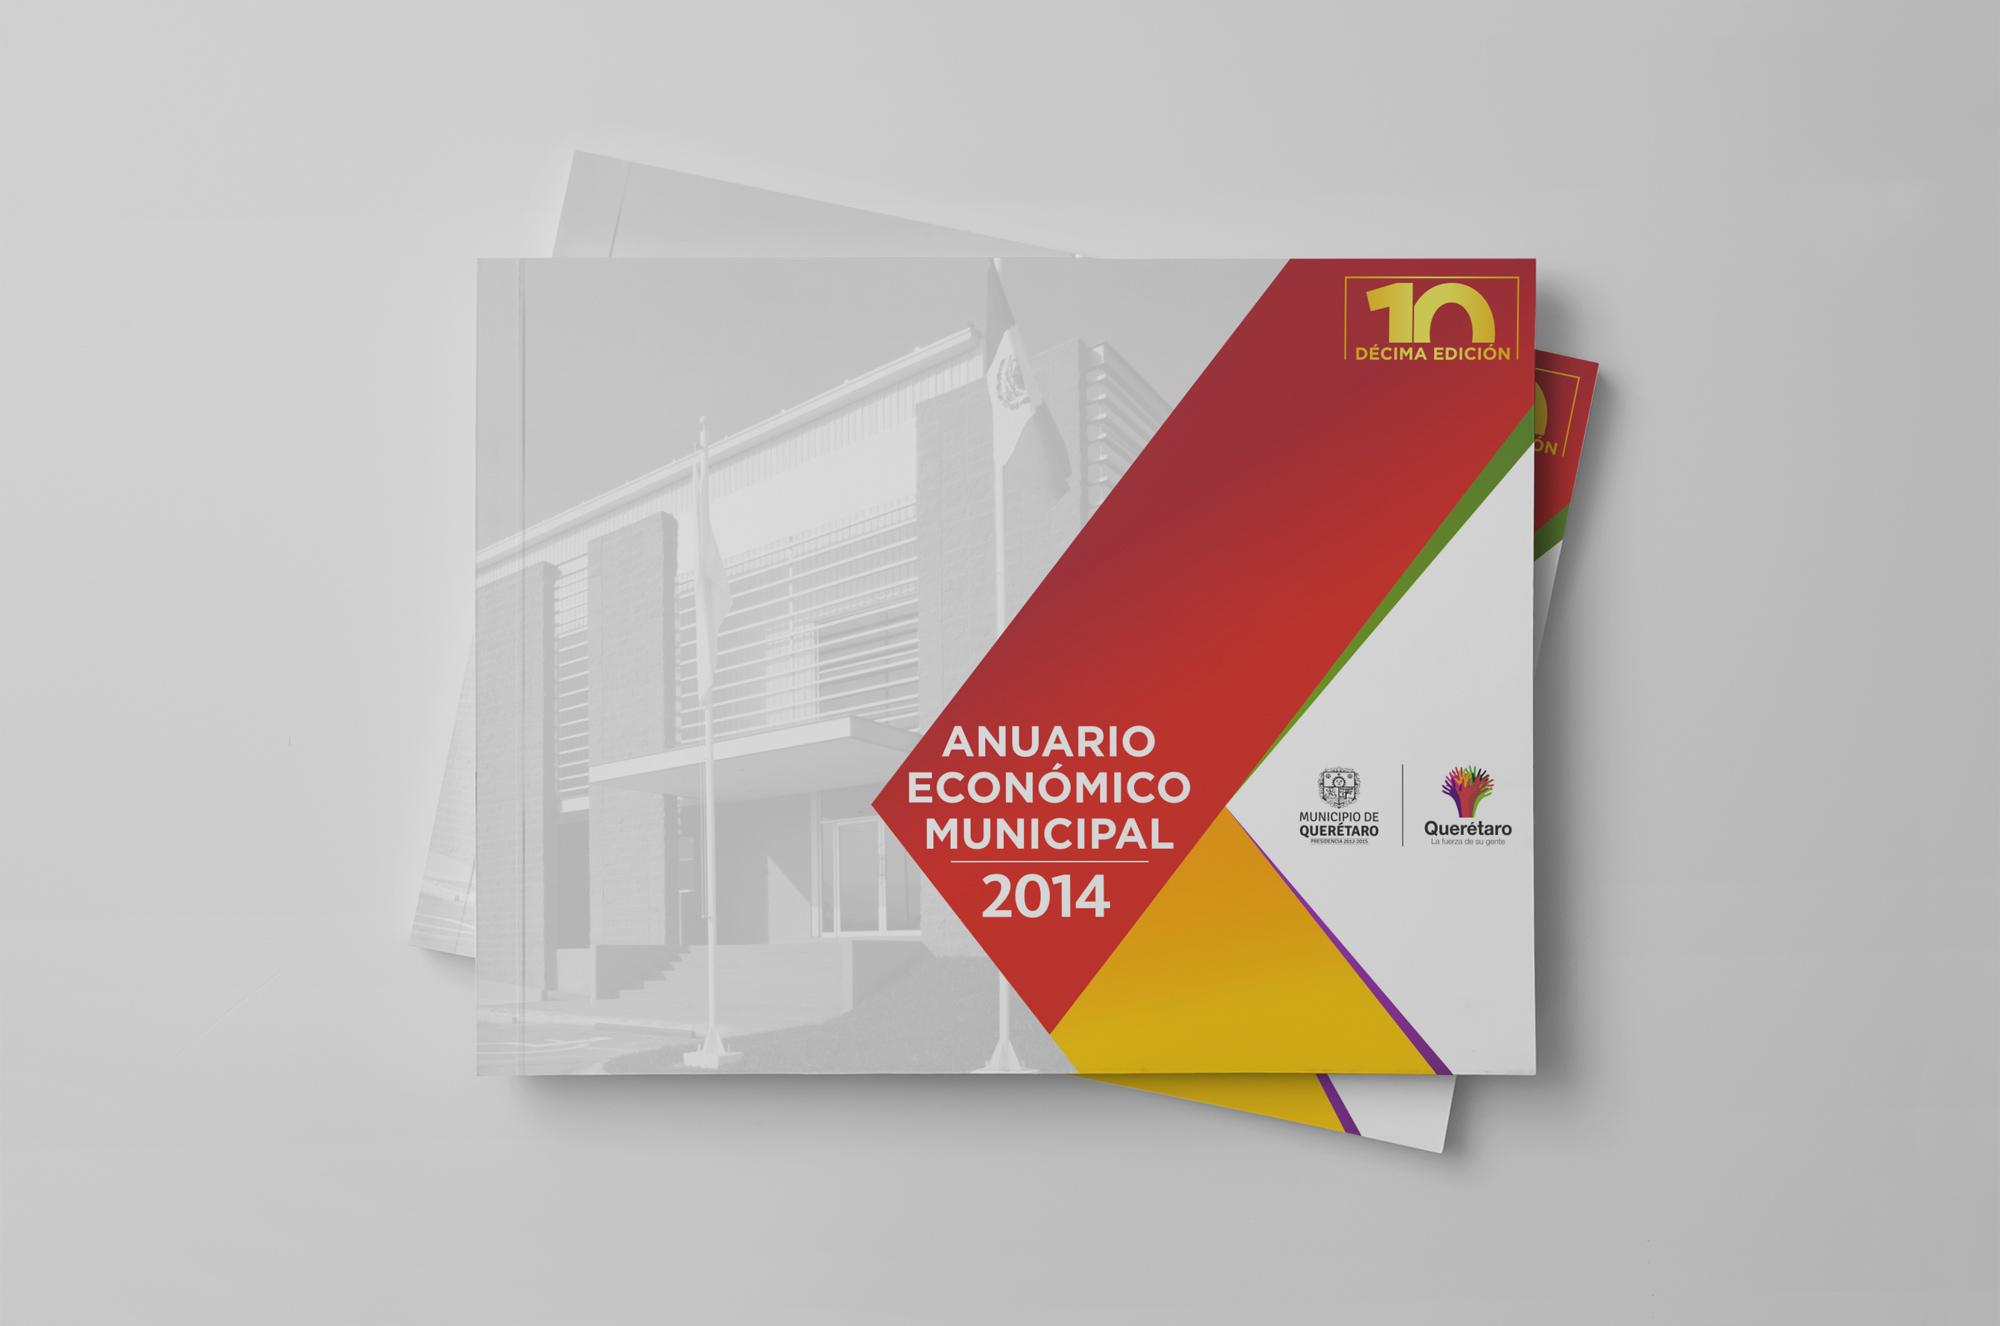 raniev-rod-alvarez-diseño-gráfico-queretaro-anuario-economico-municipal-queretaro-1